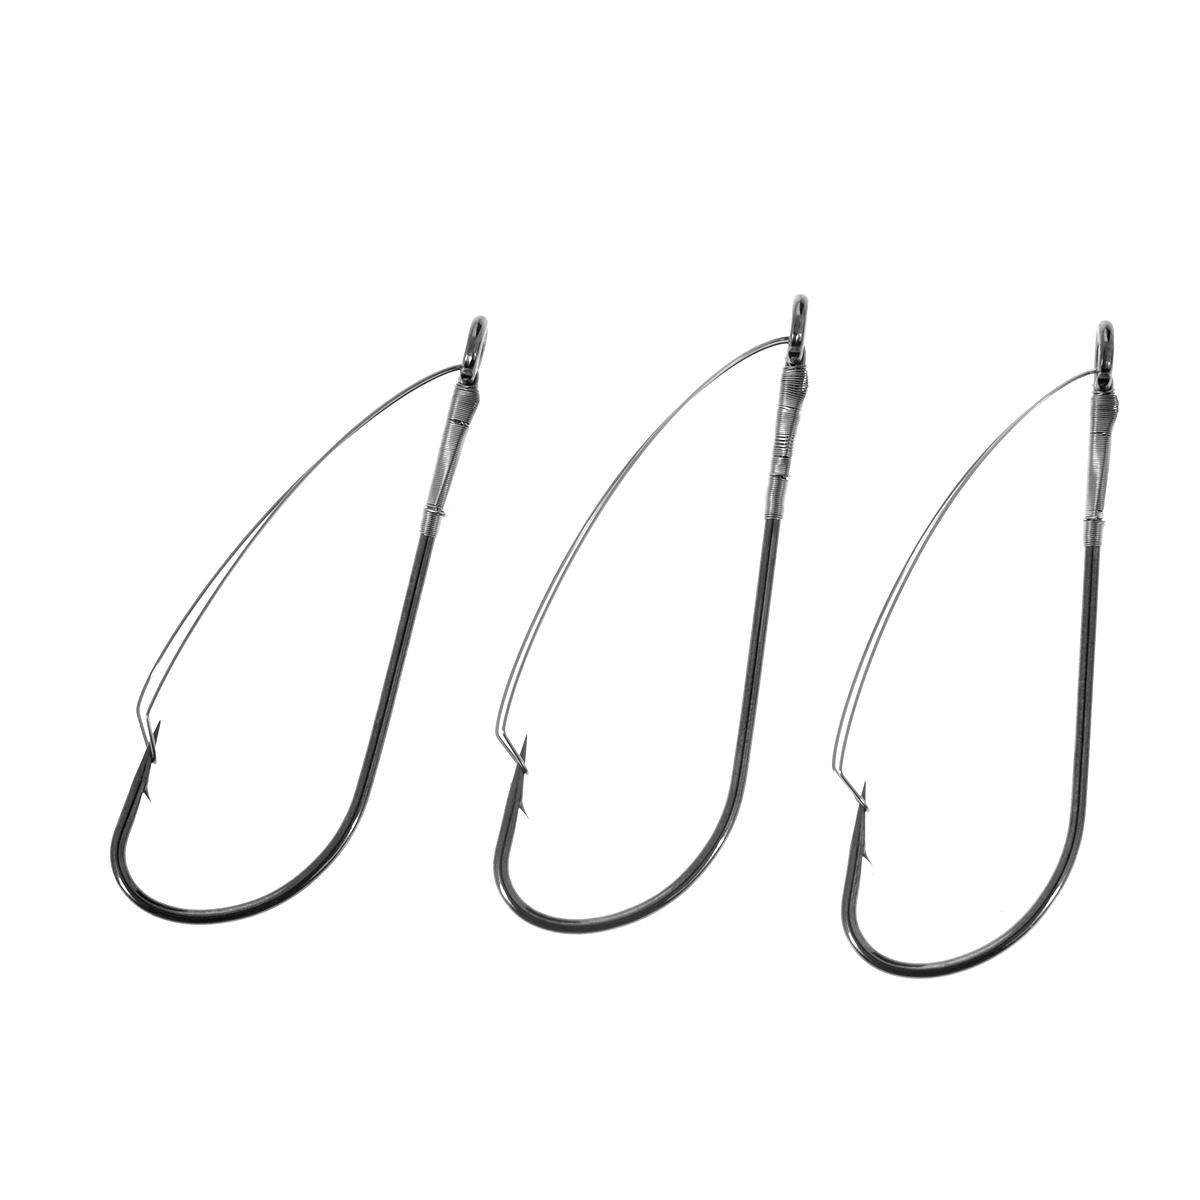 Крючки рыболовные Cobra Weedless, цвет: черный, размер 1, 3 шт010-01199-23Cobra Weedless - серия крючков c проволочной защитой. Идеальный вариант для ловли крупной рыбы в местах, где возможны частые зацепы и потеря приманок - коряжнике, среди водорослей и камней. Широко используются для оснащения блесен, снасточек, пластиковых и других приманок.